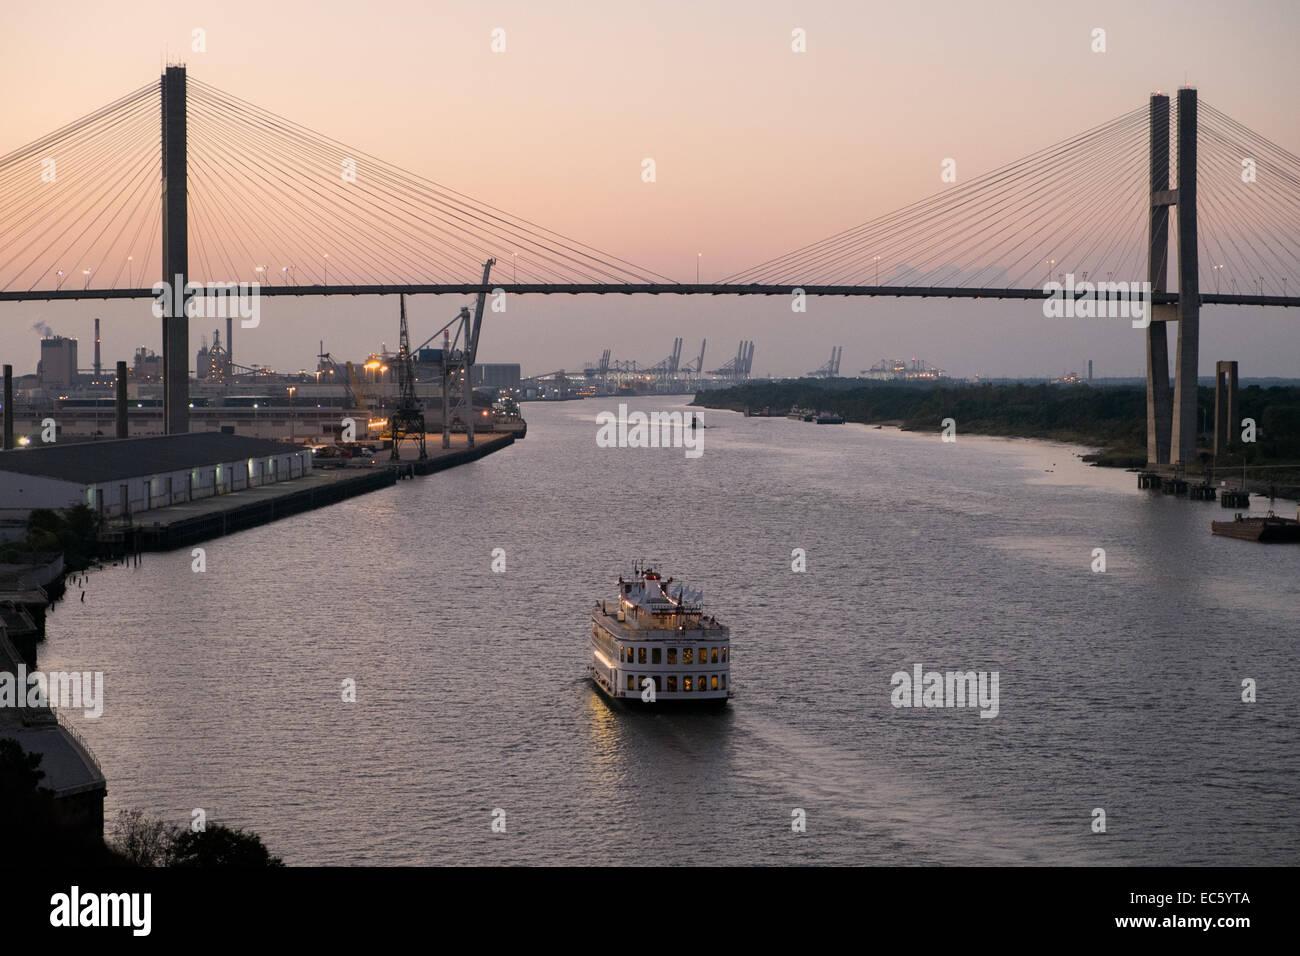 Riverboat cruising at dusk on Savannah River below the Eugene Talmadge Memorial Bridge. - Stock Image